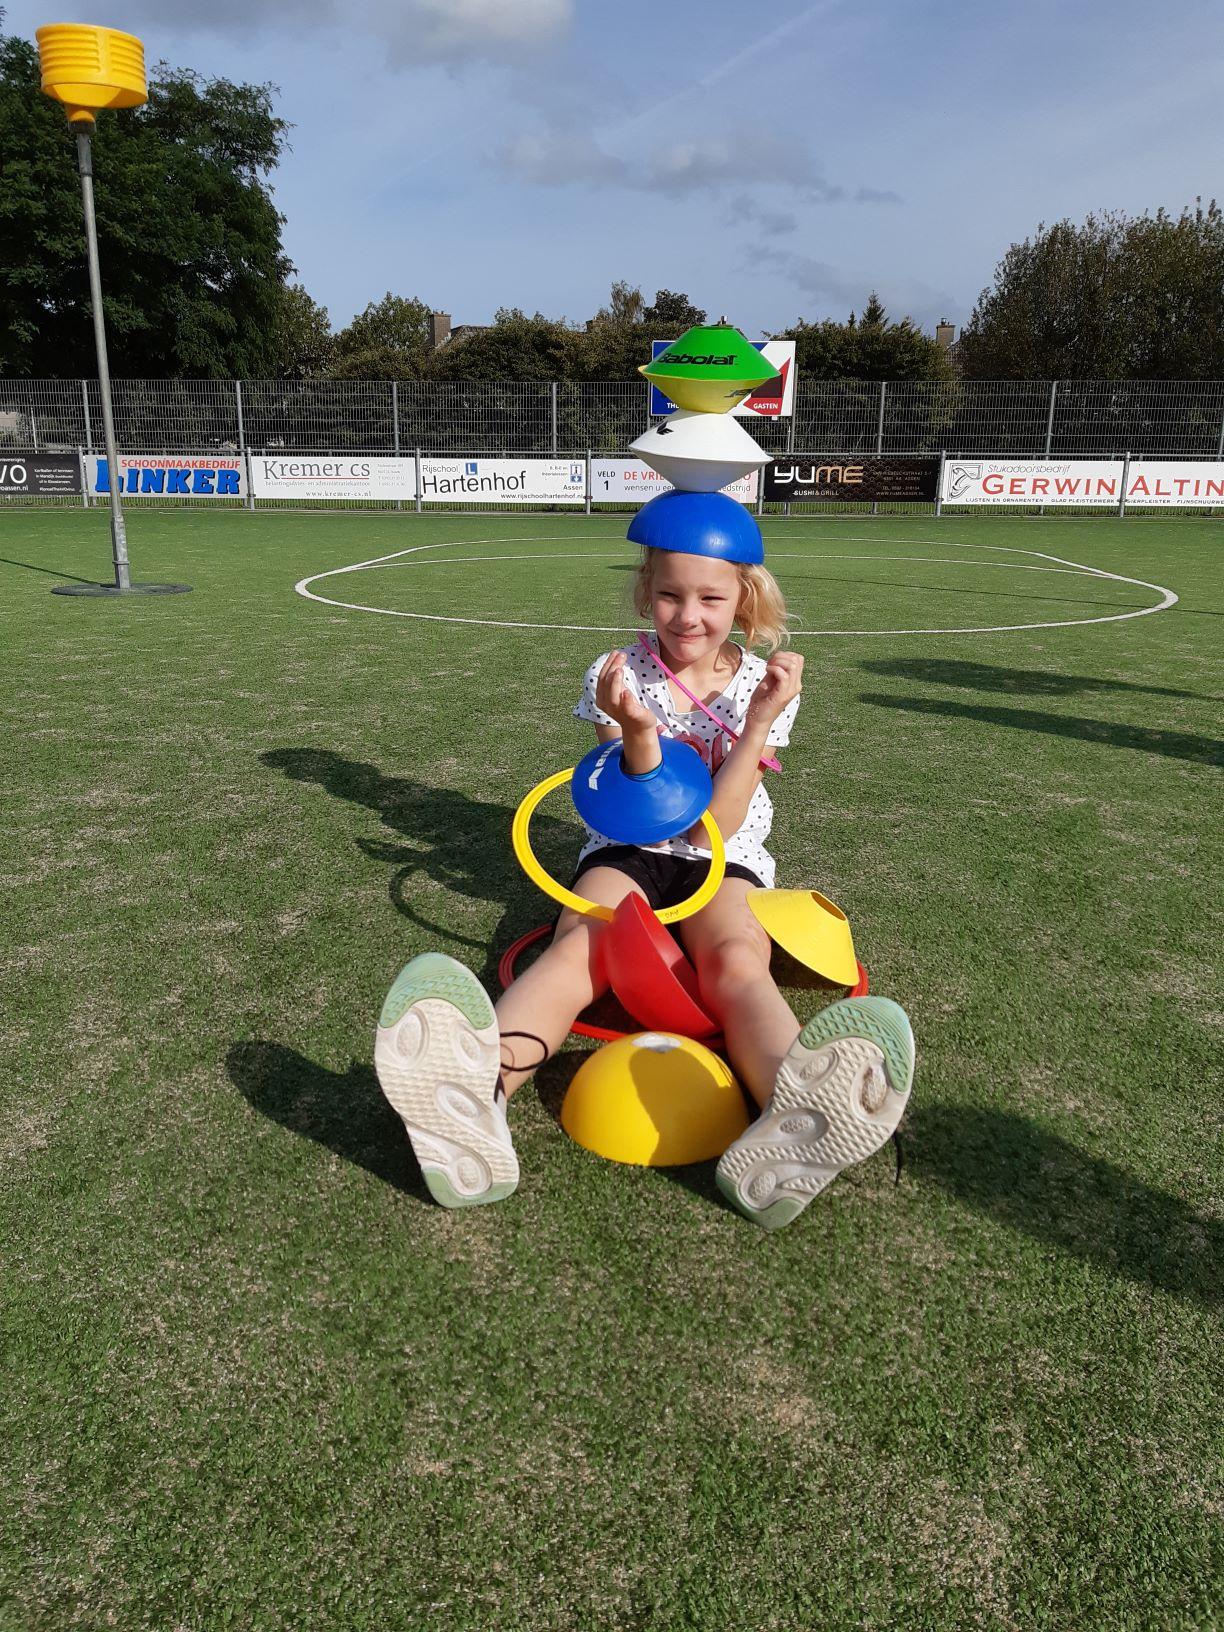 Korfbalclinic BSO's Drenthe - Kids First COP groep